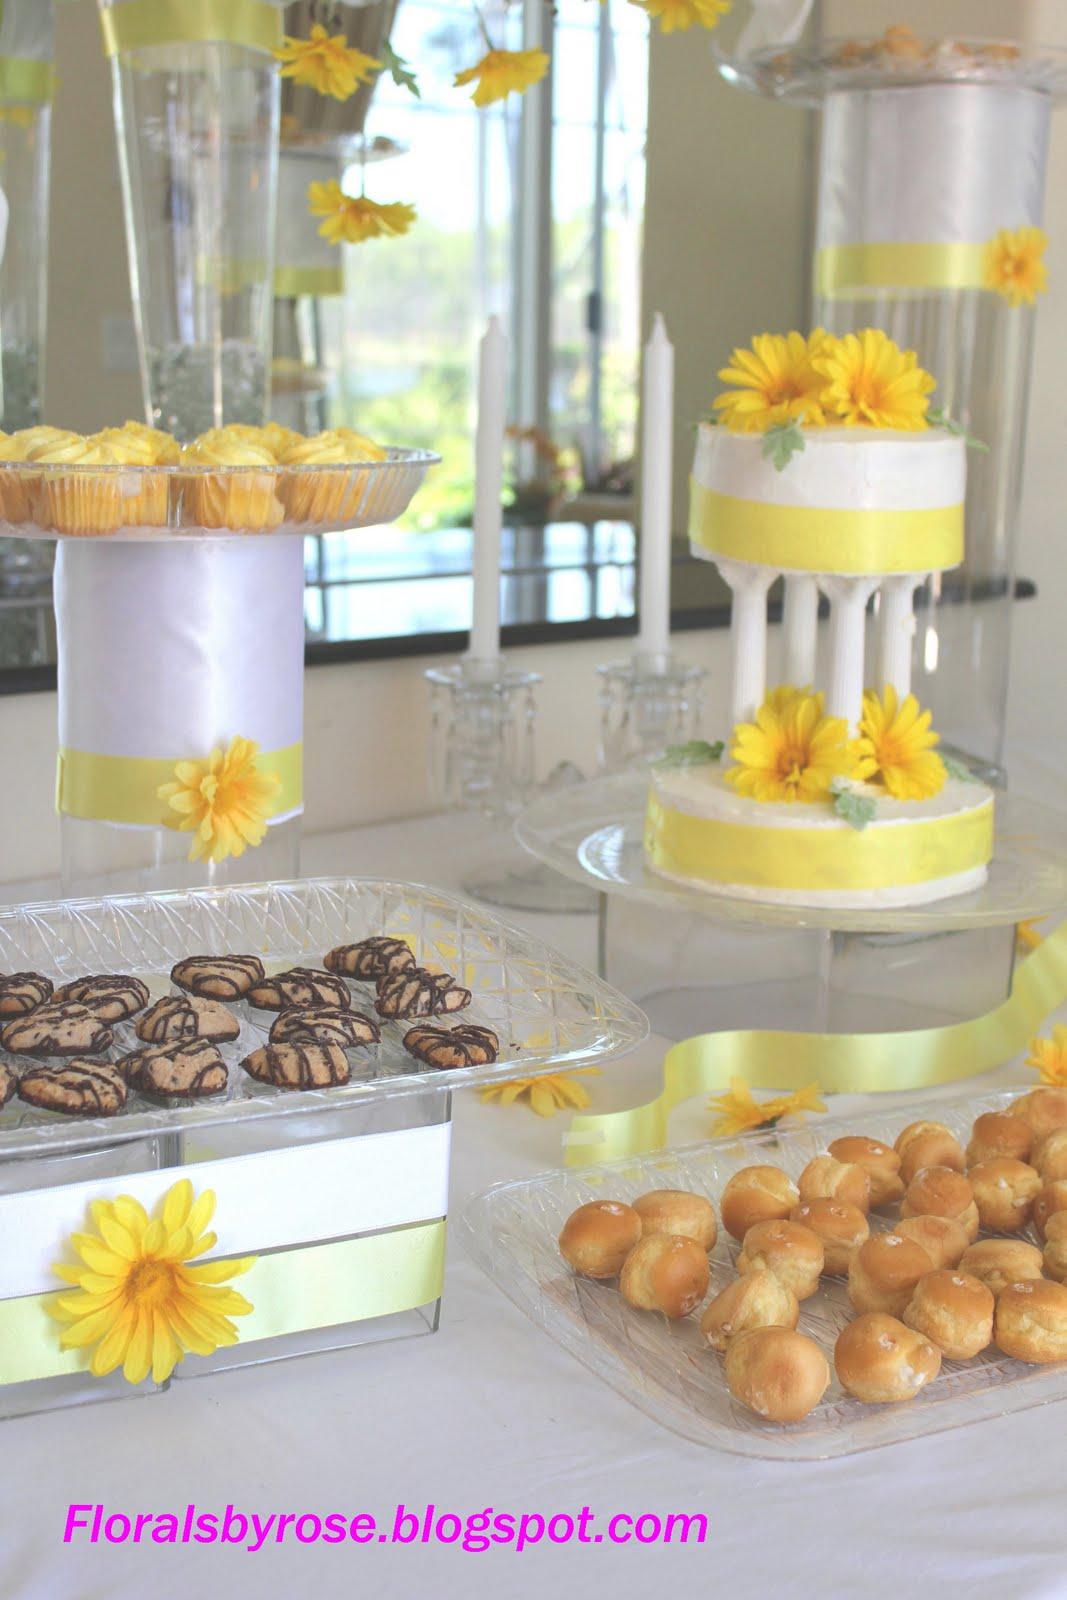 Unique Floral Arrangement Ideas For Events Amp Homes Wedding Table Centerpiece Ideas